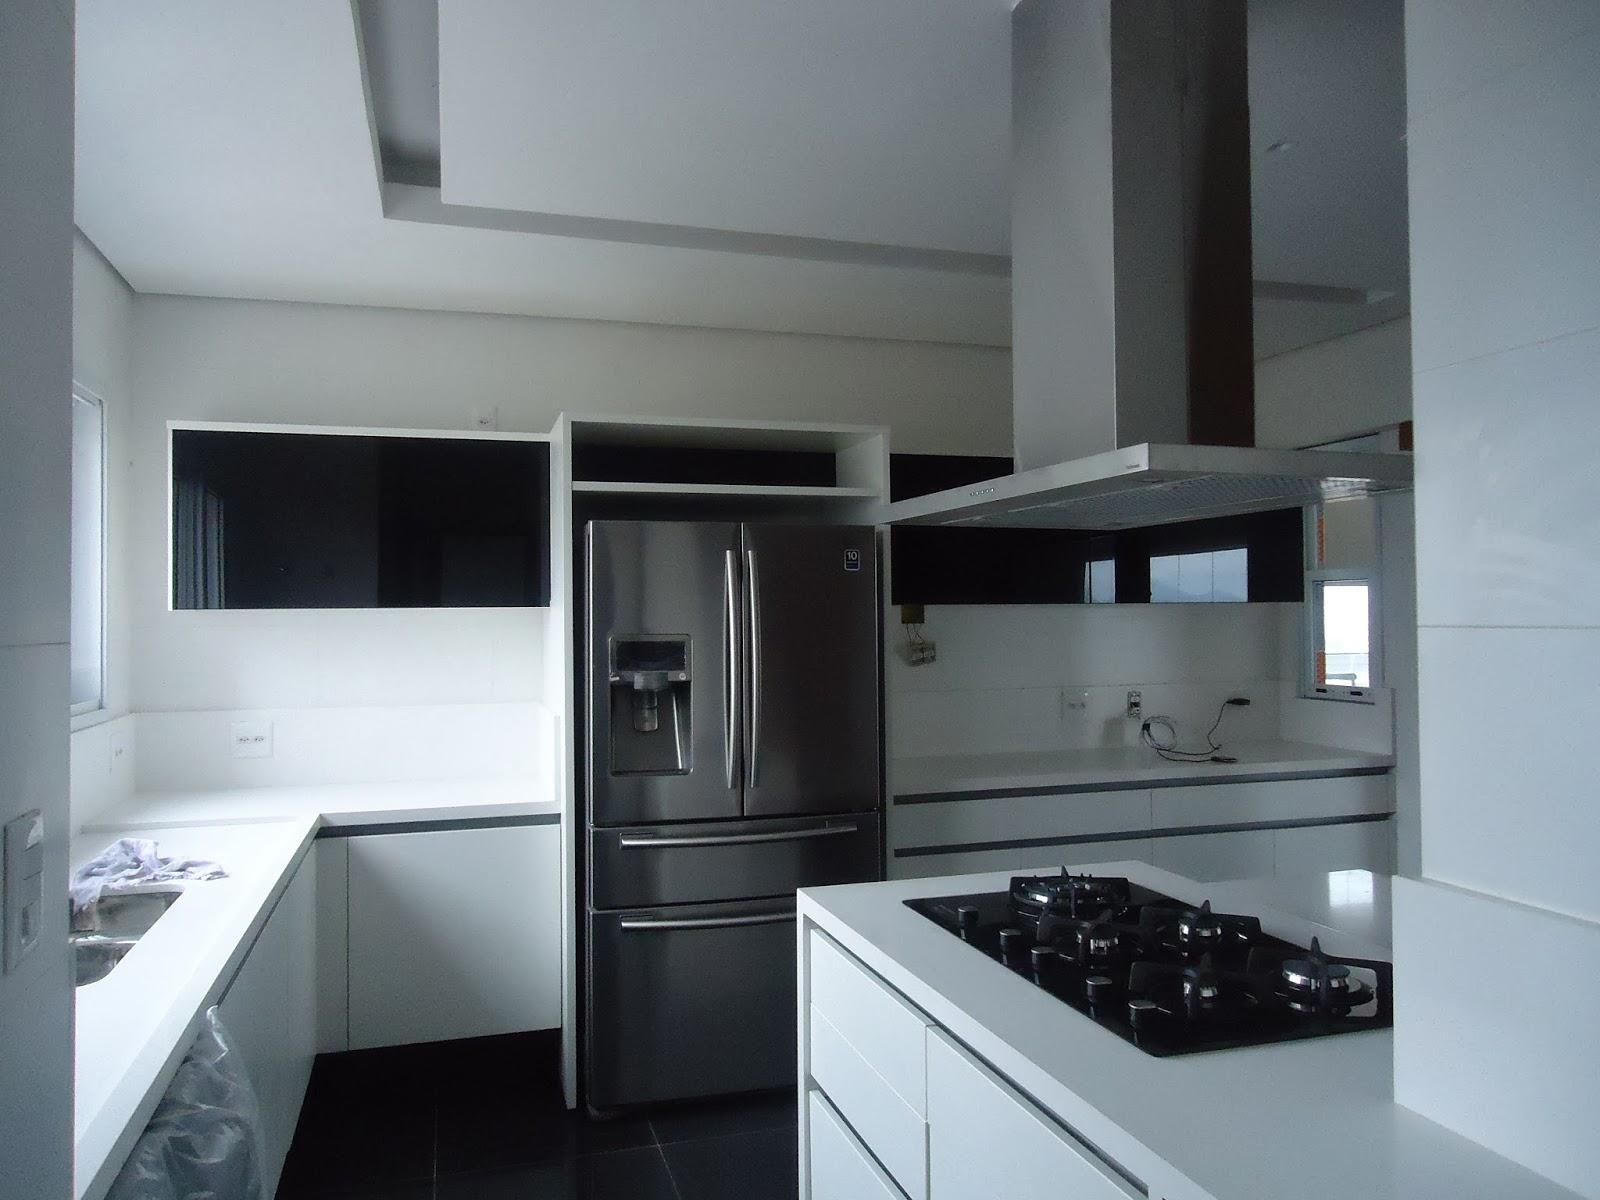 : Projetos Diversos (Cozinhas/Varandas Gourmet/Home Theater #506A7B 1600 1200